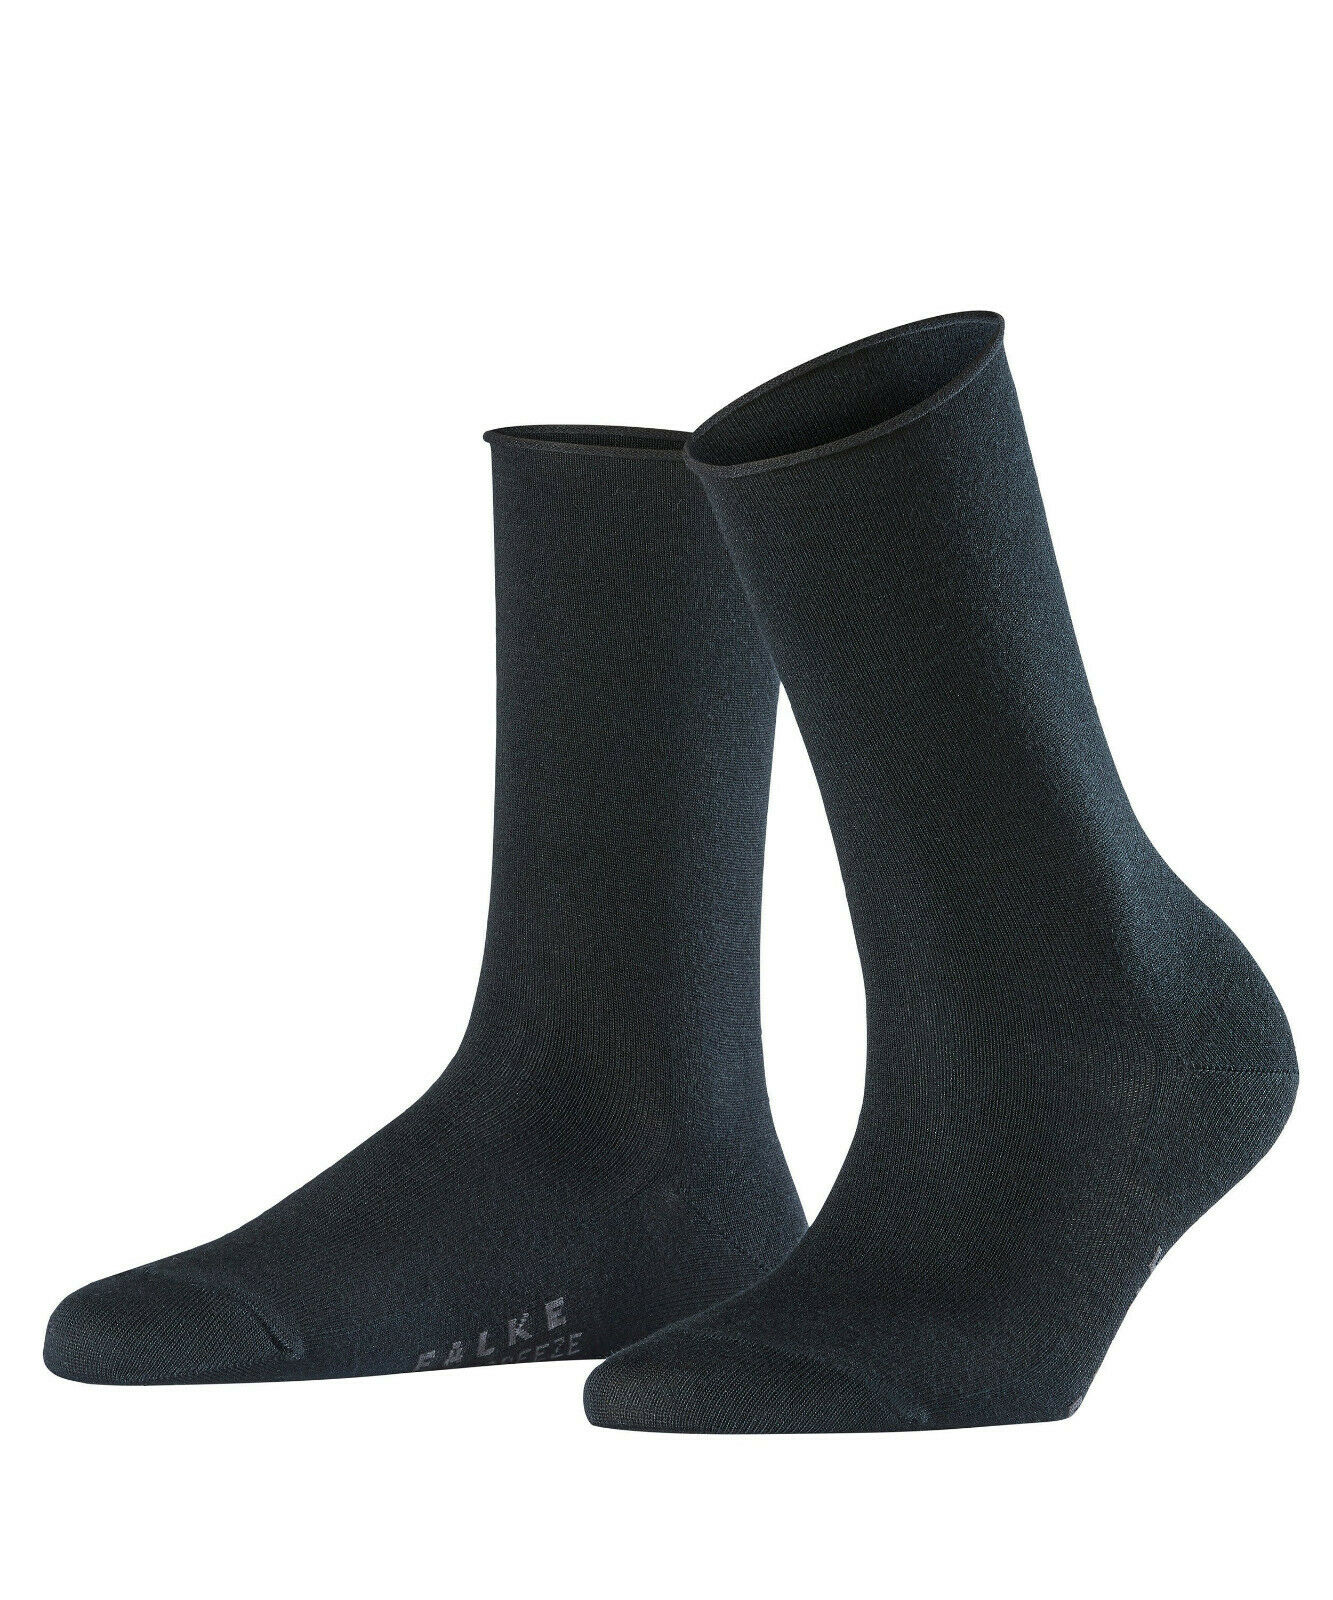 2 Paar FALKE Active Breeze Damen Socken ohne Gummi mit Rollrand